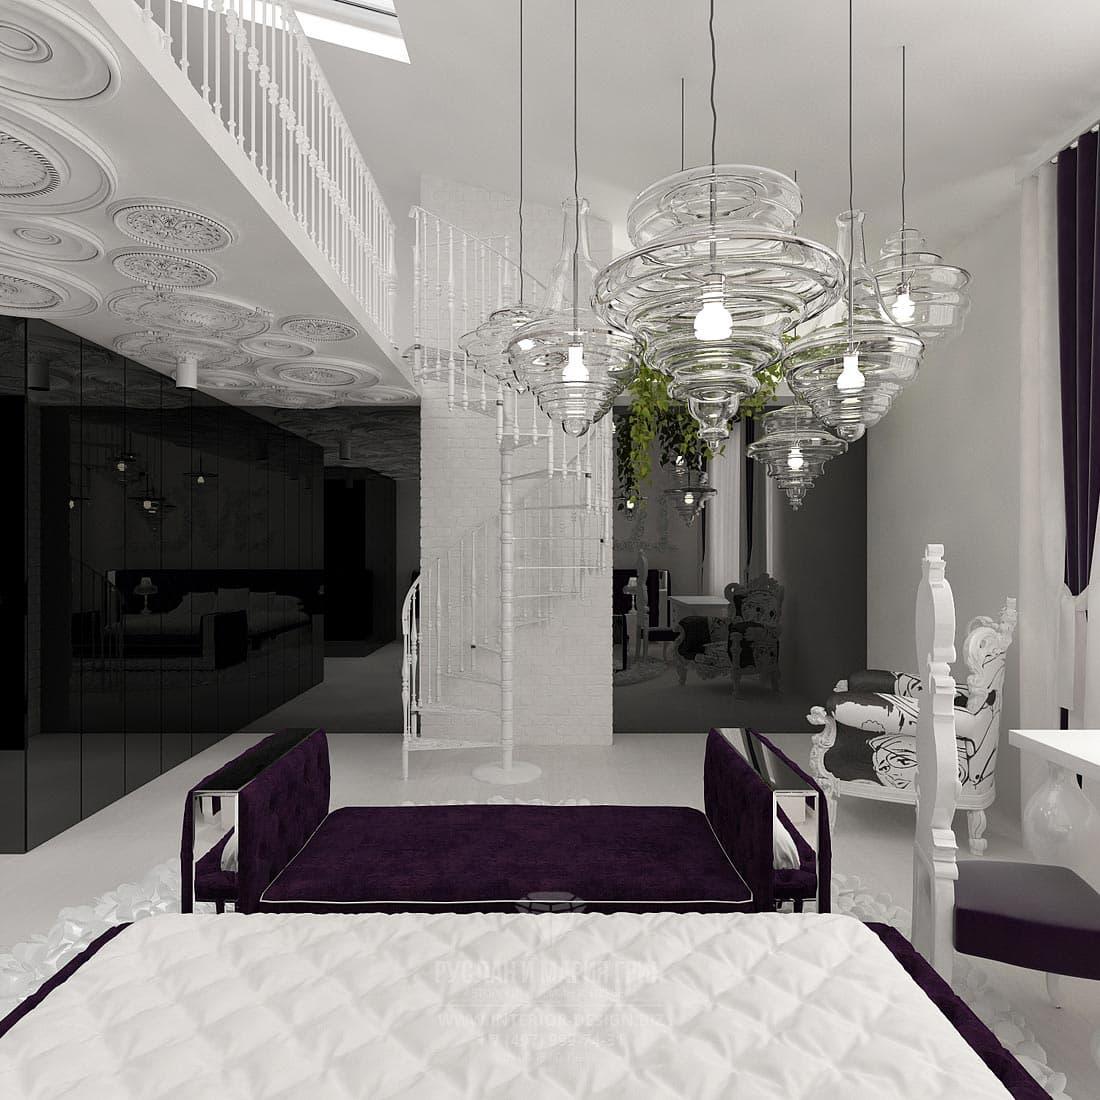 Дизайн детской комнаты в черно-белых тонах с лиловым акцентом